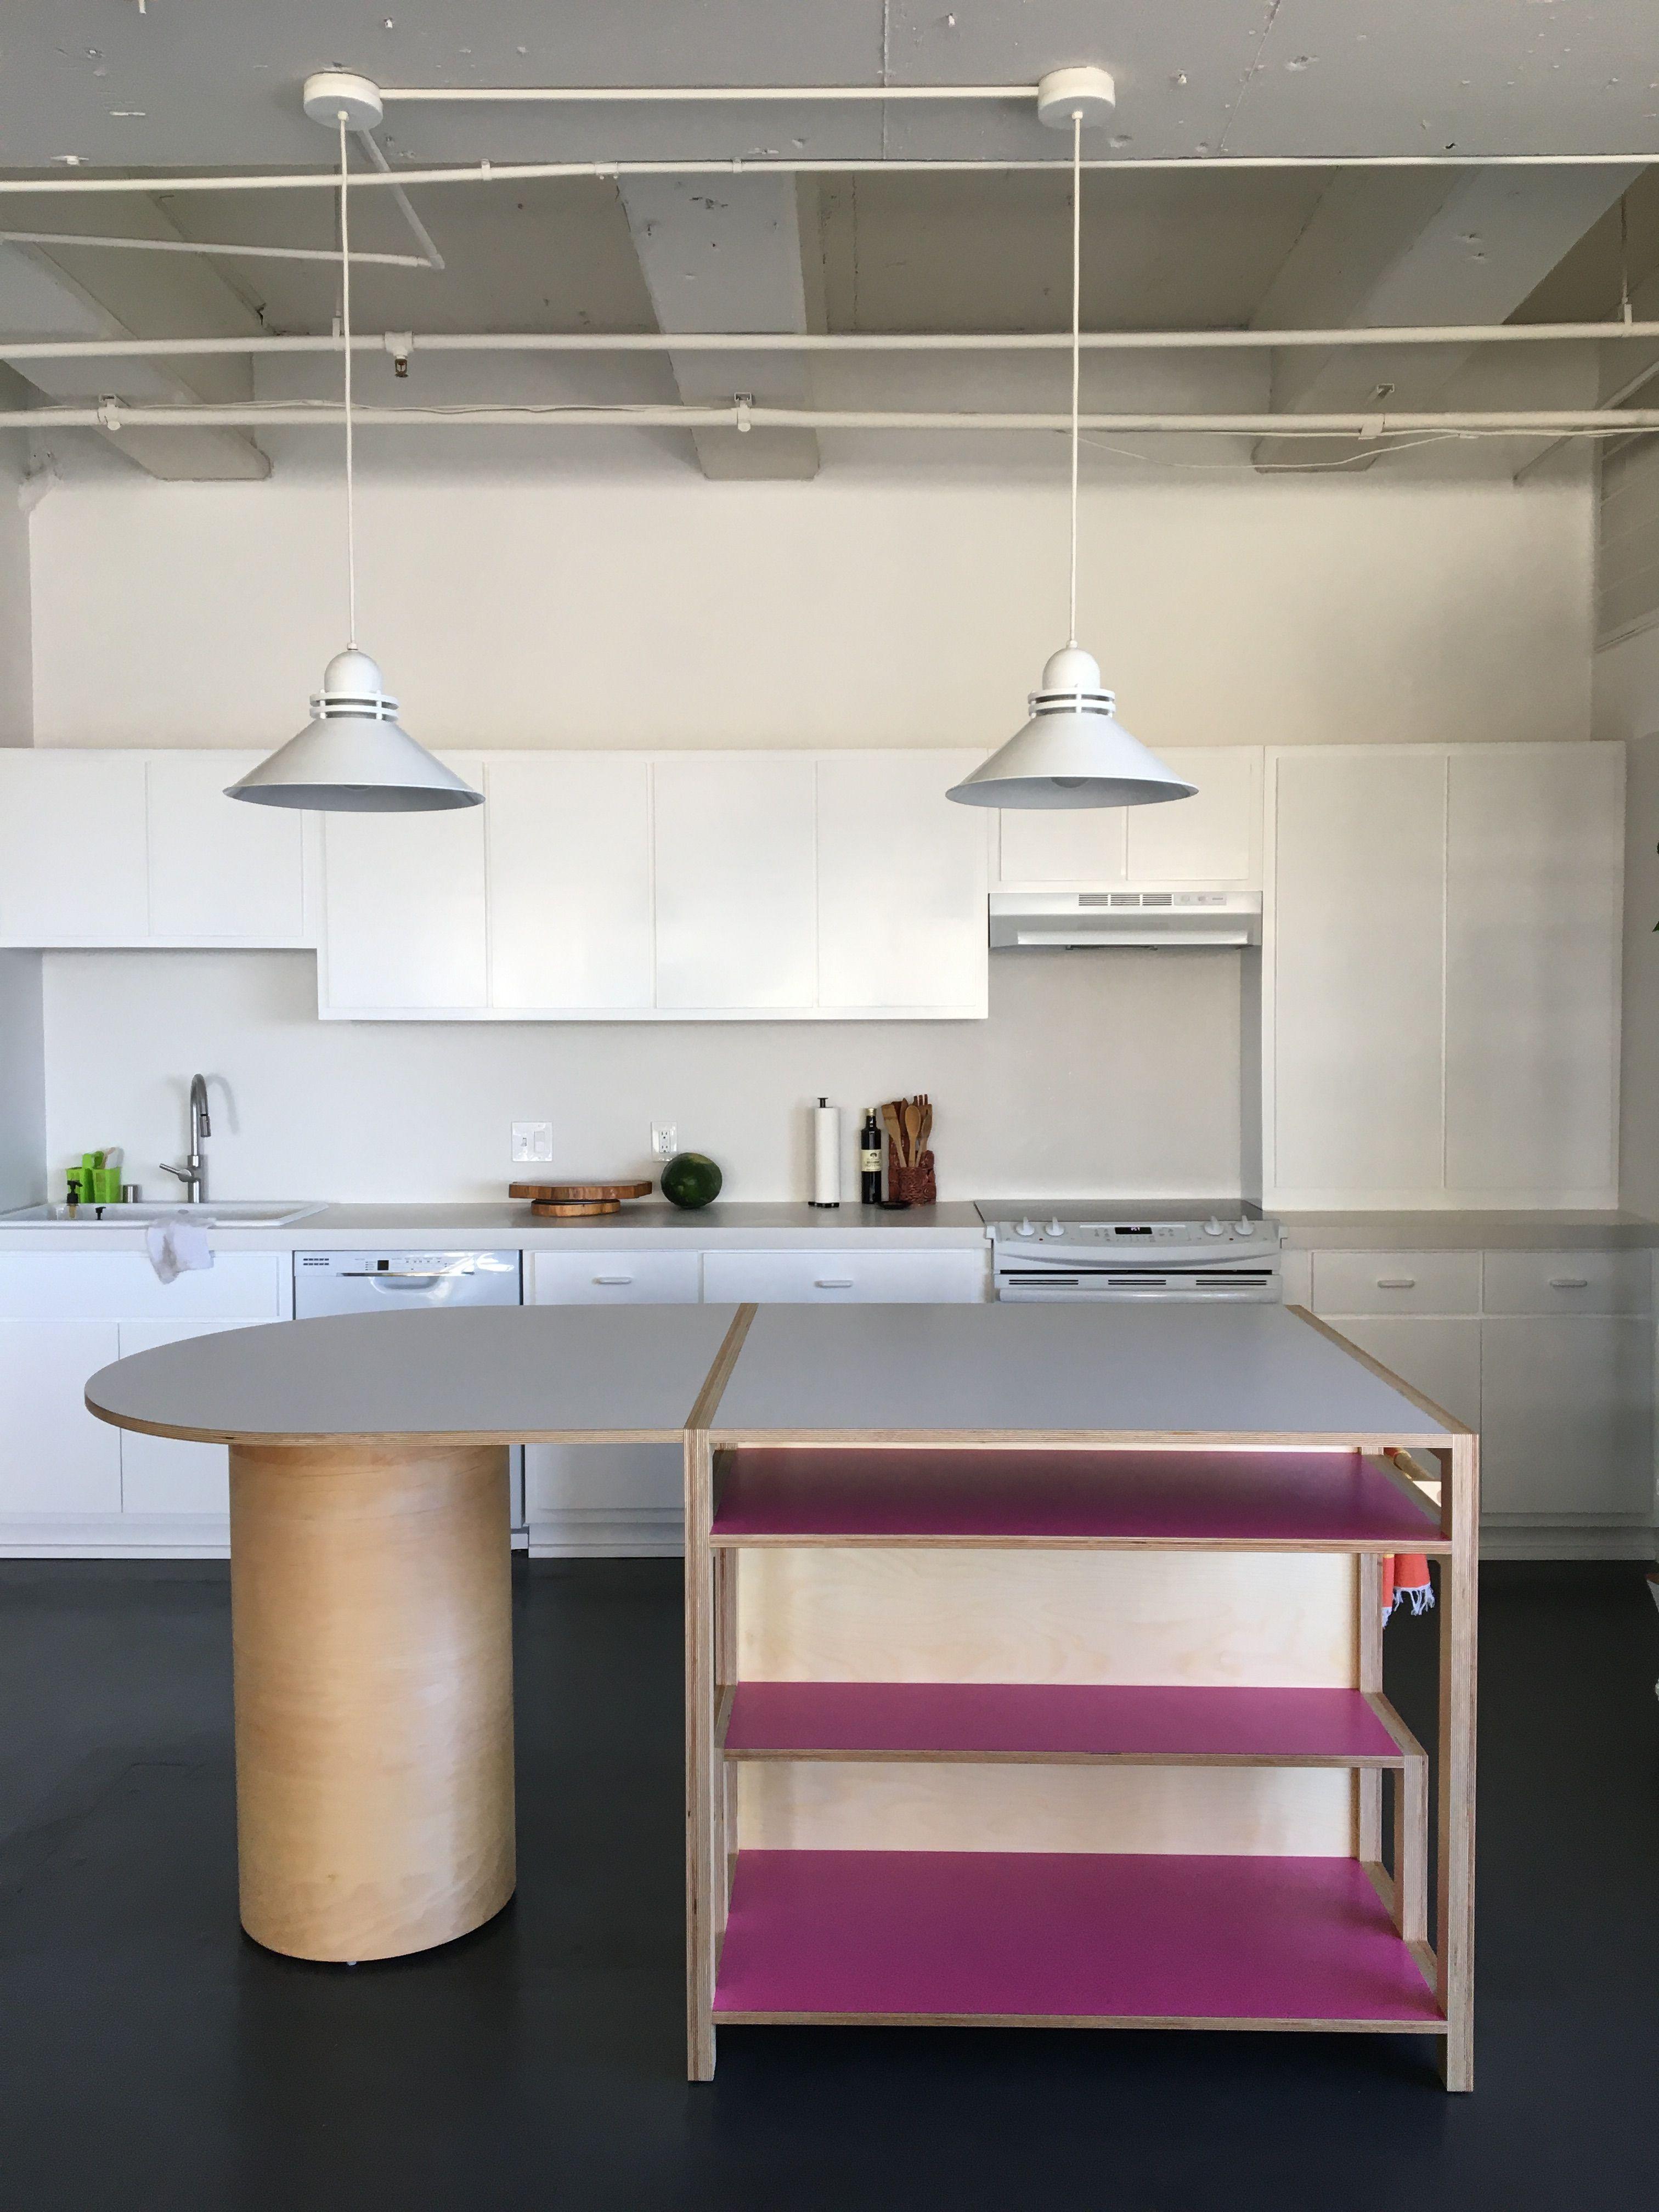 Kitchen Island product image 11